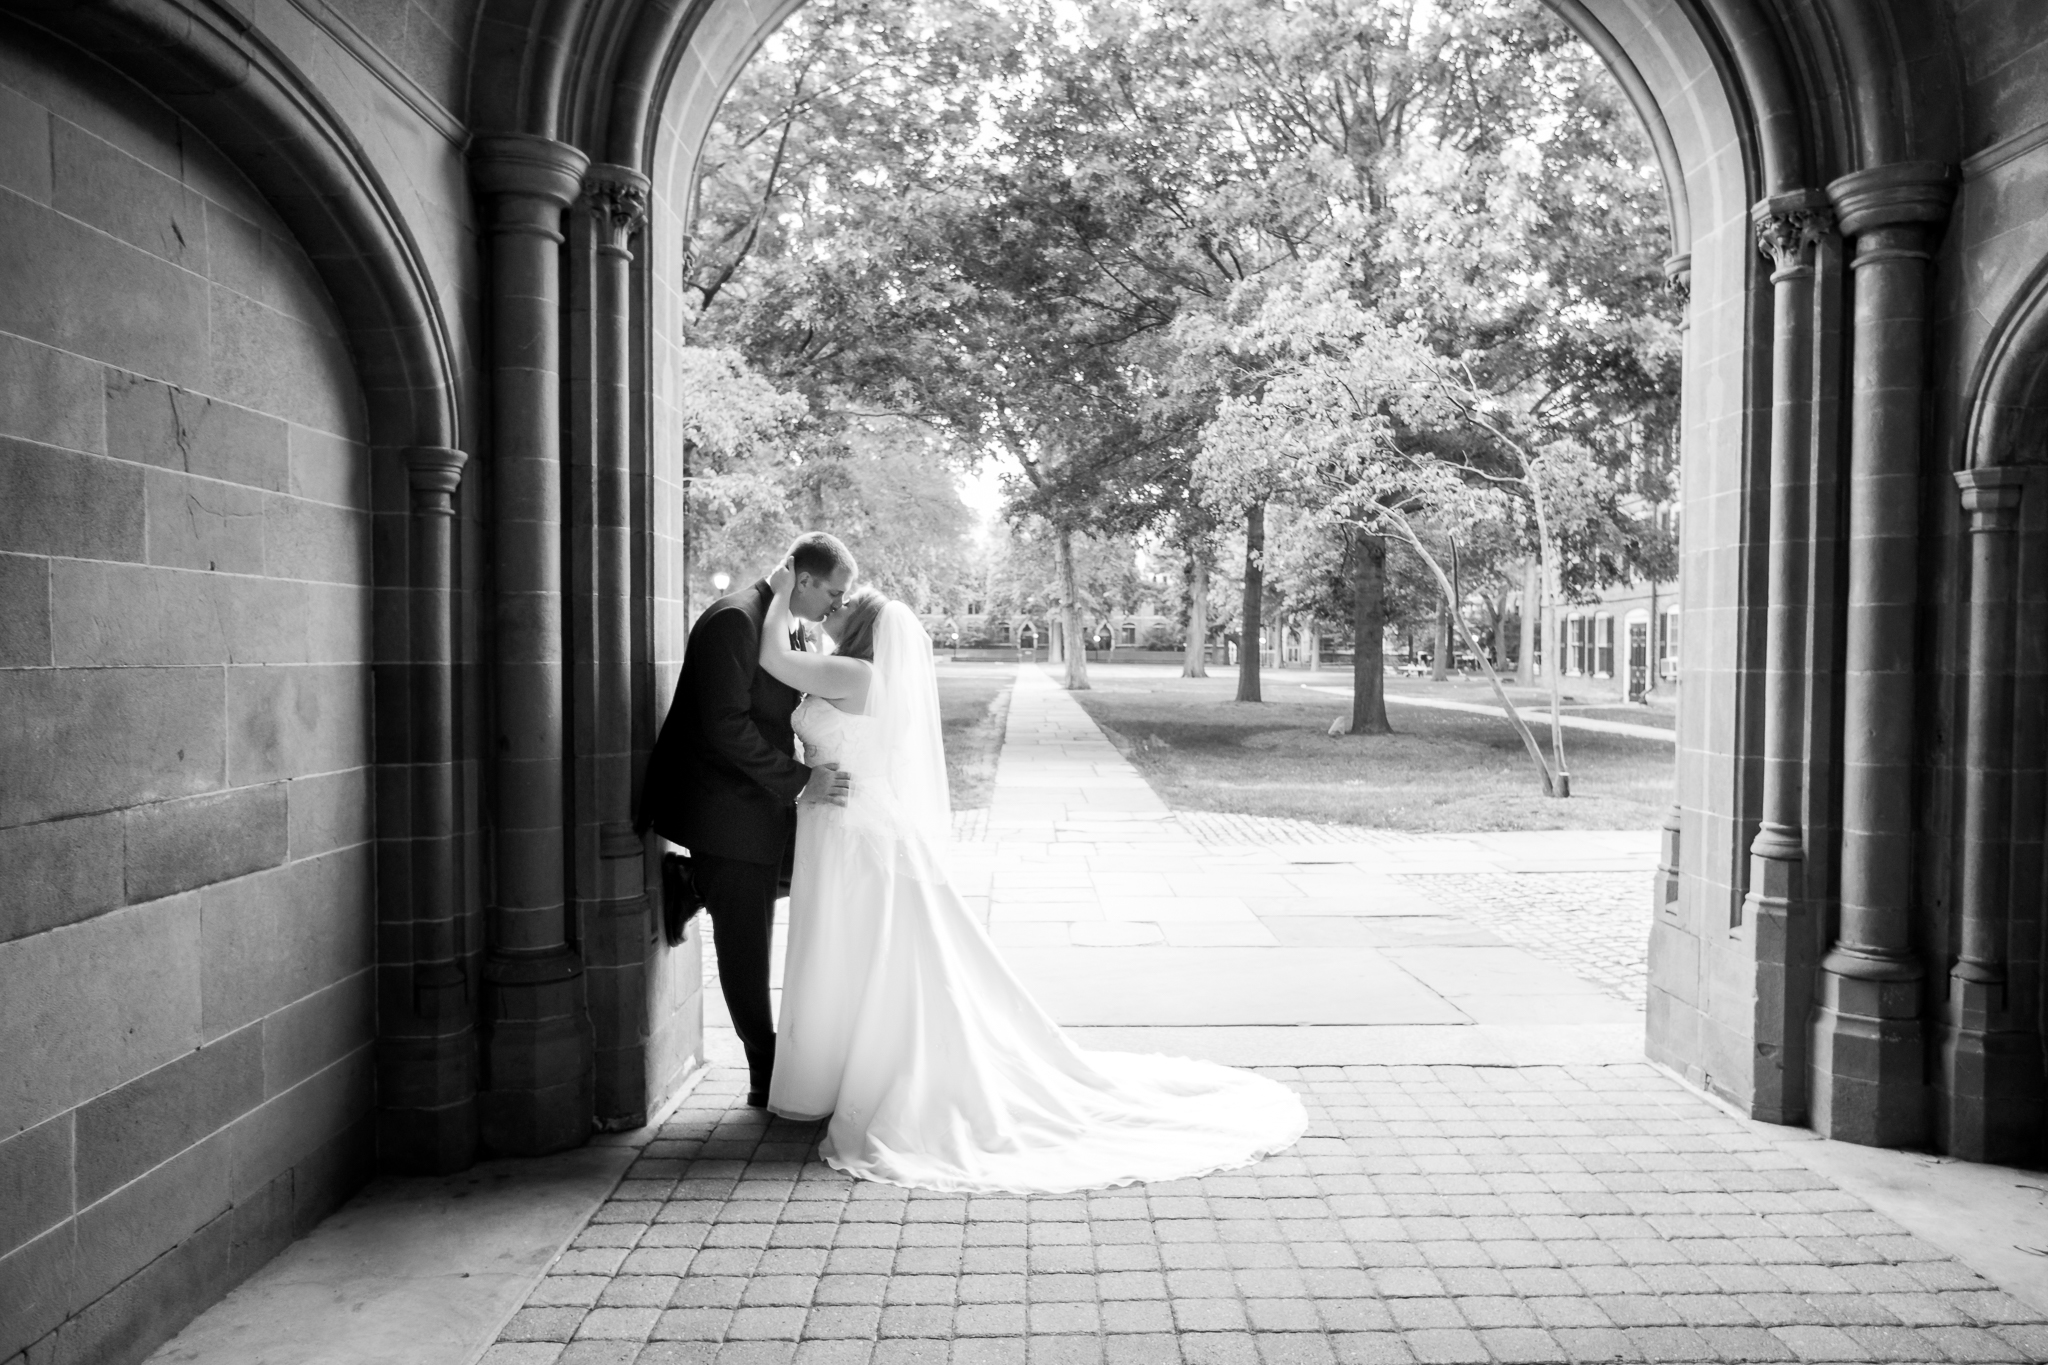 Shaina Lee Photography | Connecticut + Destination Wedding Photographer | Yale University | Yale Wedding | Connecticut Wedding